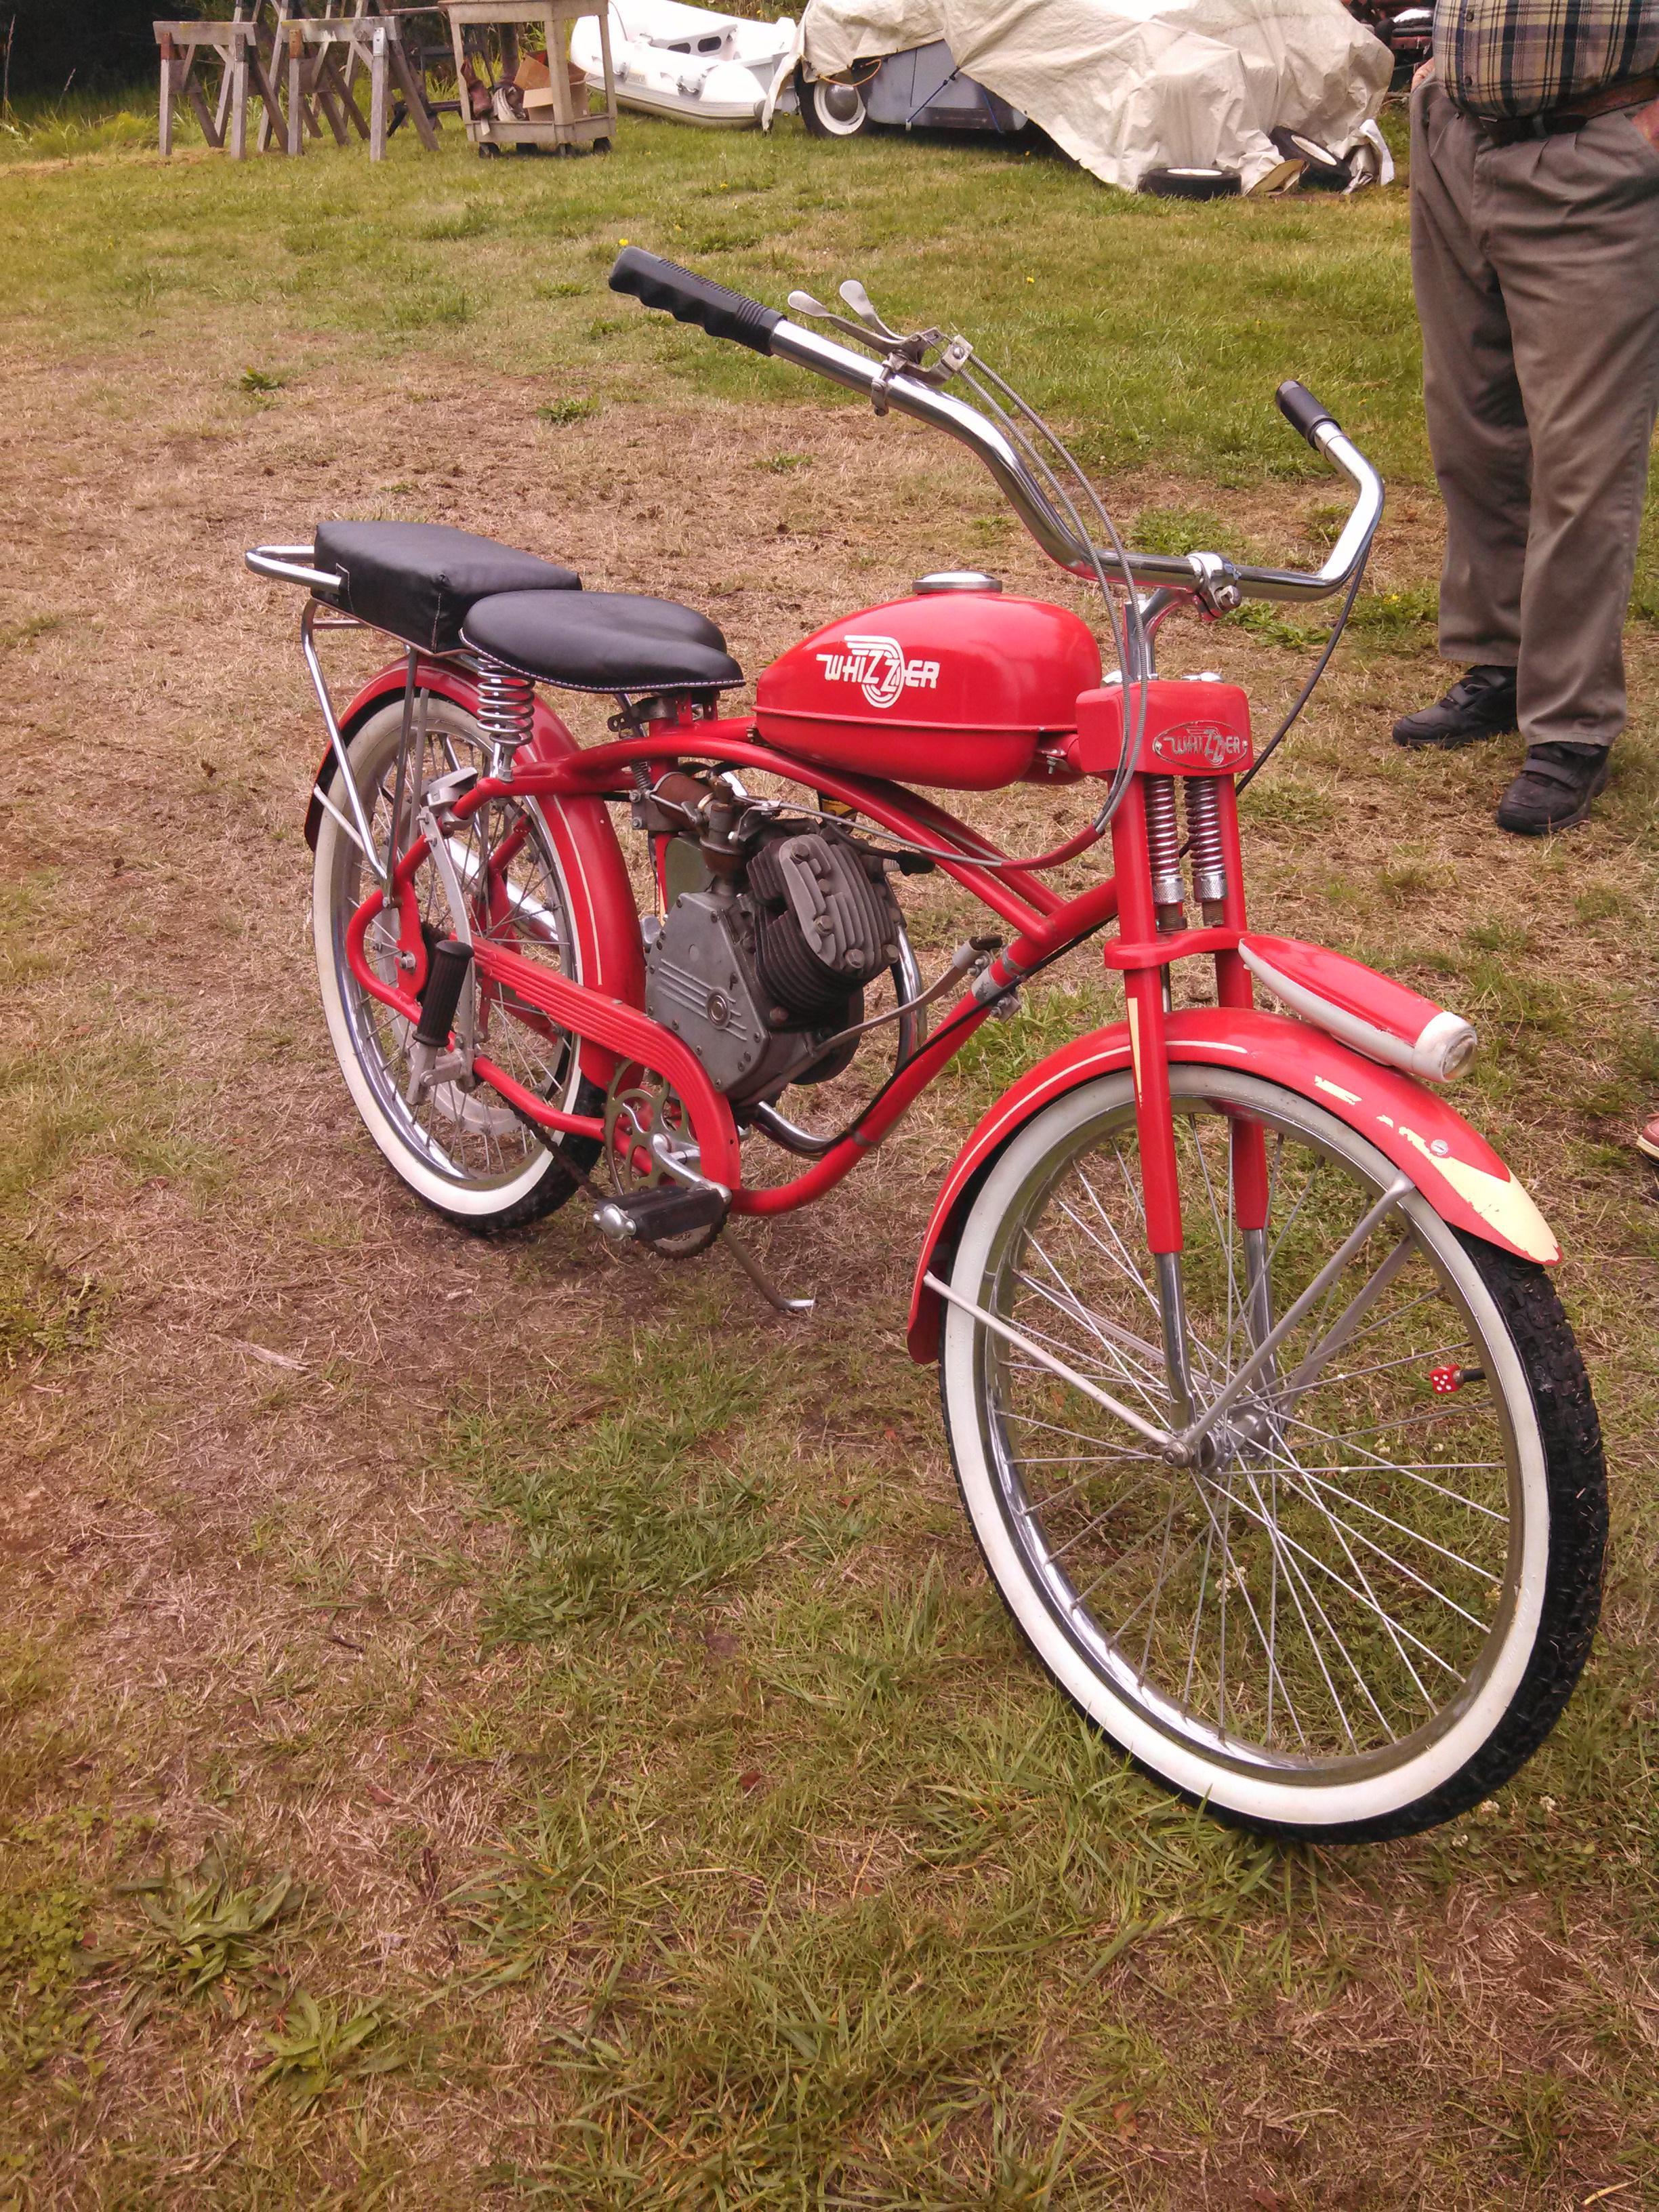 1949 Whizzer motorbike - WOW!